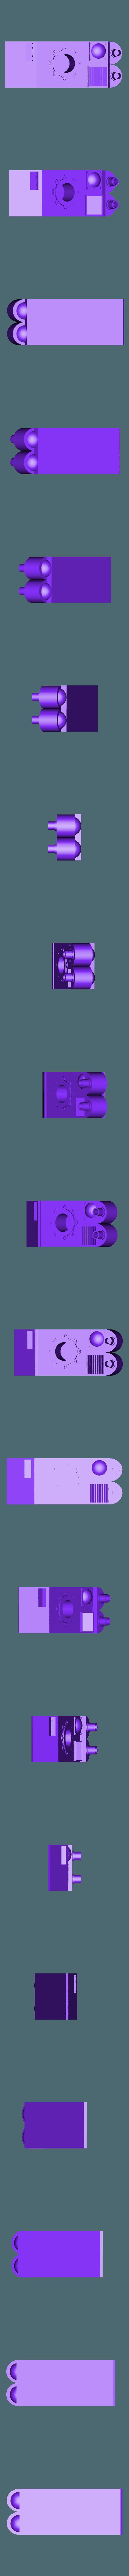 Tank_hull.stl Télécharger fichier STL gratuit ork / orc Flak tank 28mm wargames véhicule • Modèle imprimable en 3D, redstarkits